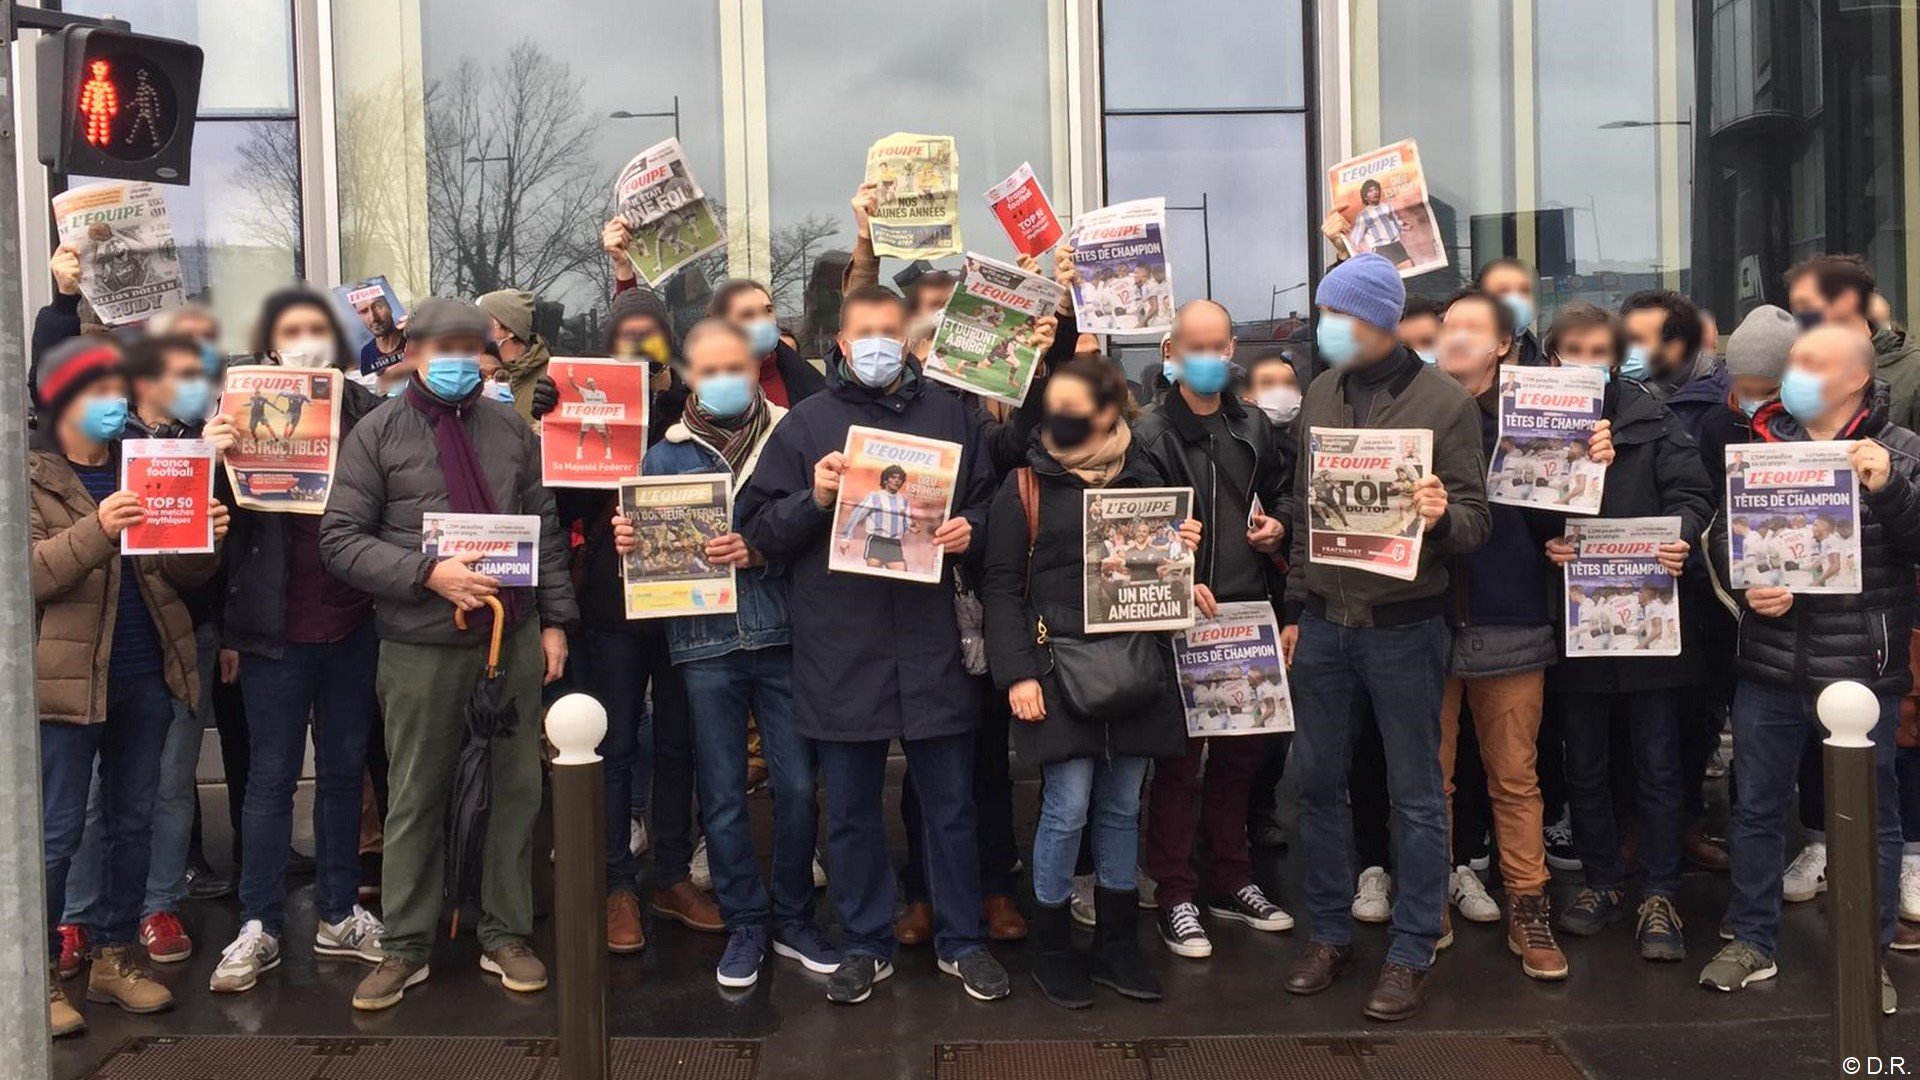 L'Equipe grève manifestation